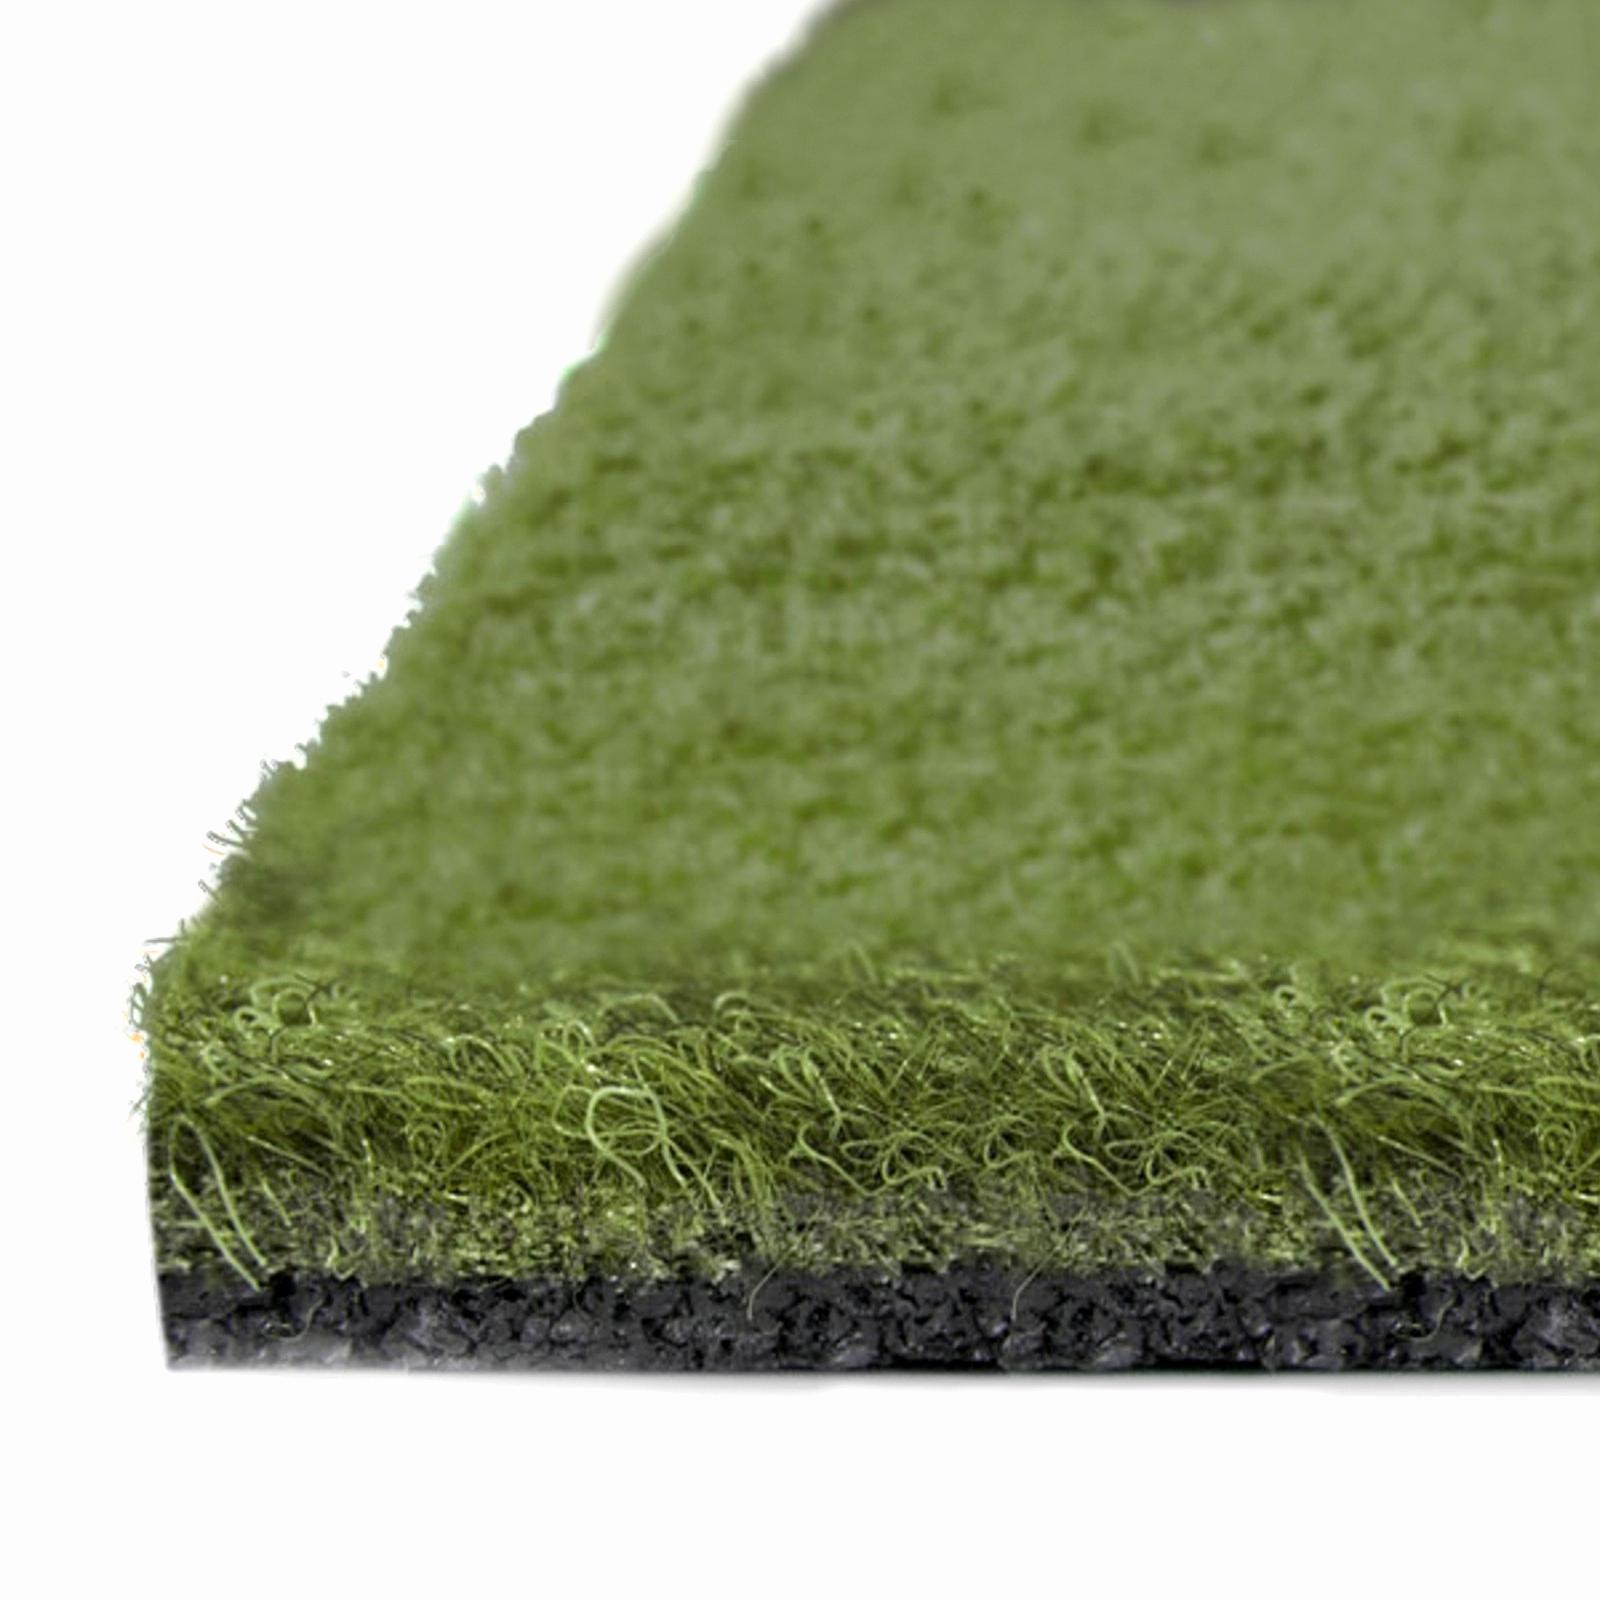 moquette exterieur pour terrasse unique paillasson sur mesure castorama inspirant tapis de sol exterieur of moquette exterieur pour terrasse